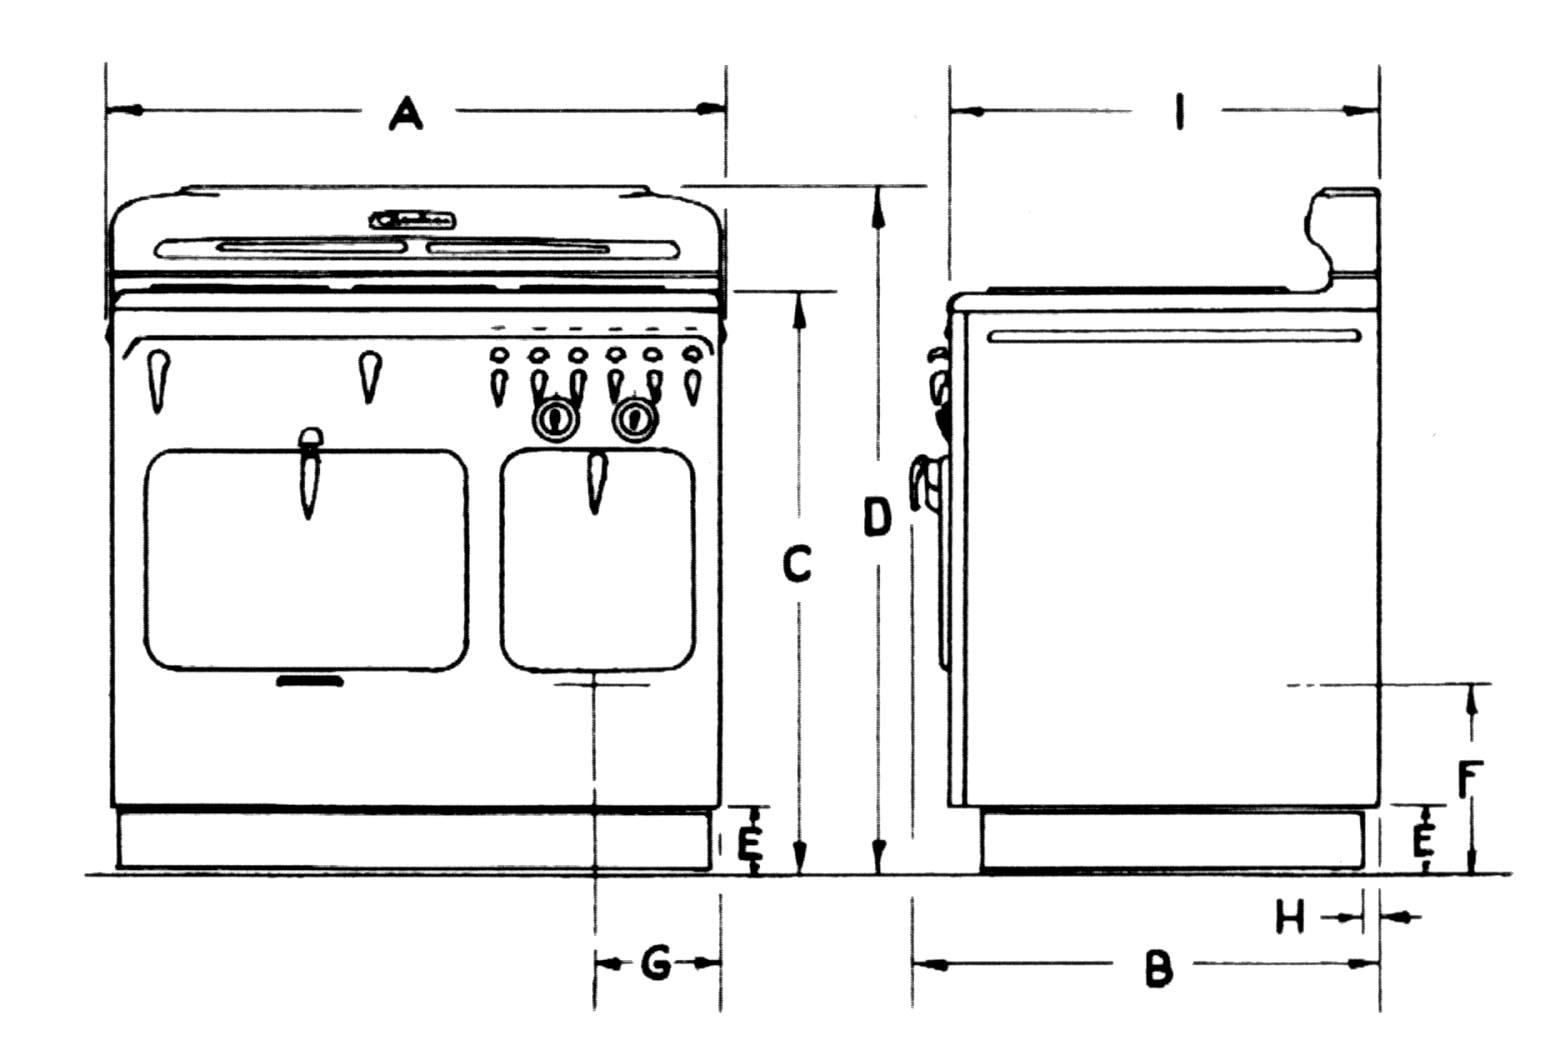 Kitchen cabinets stove dimensions - Kitchen Cabinets Stove Dimensions 2